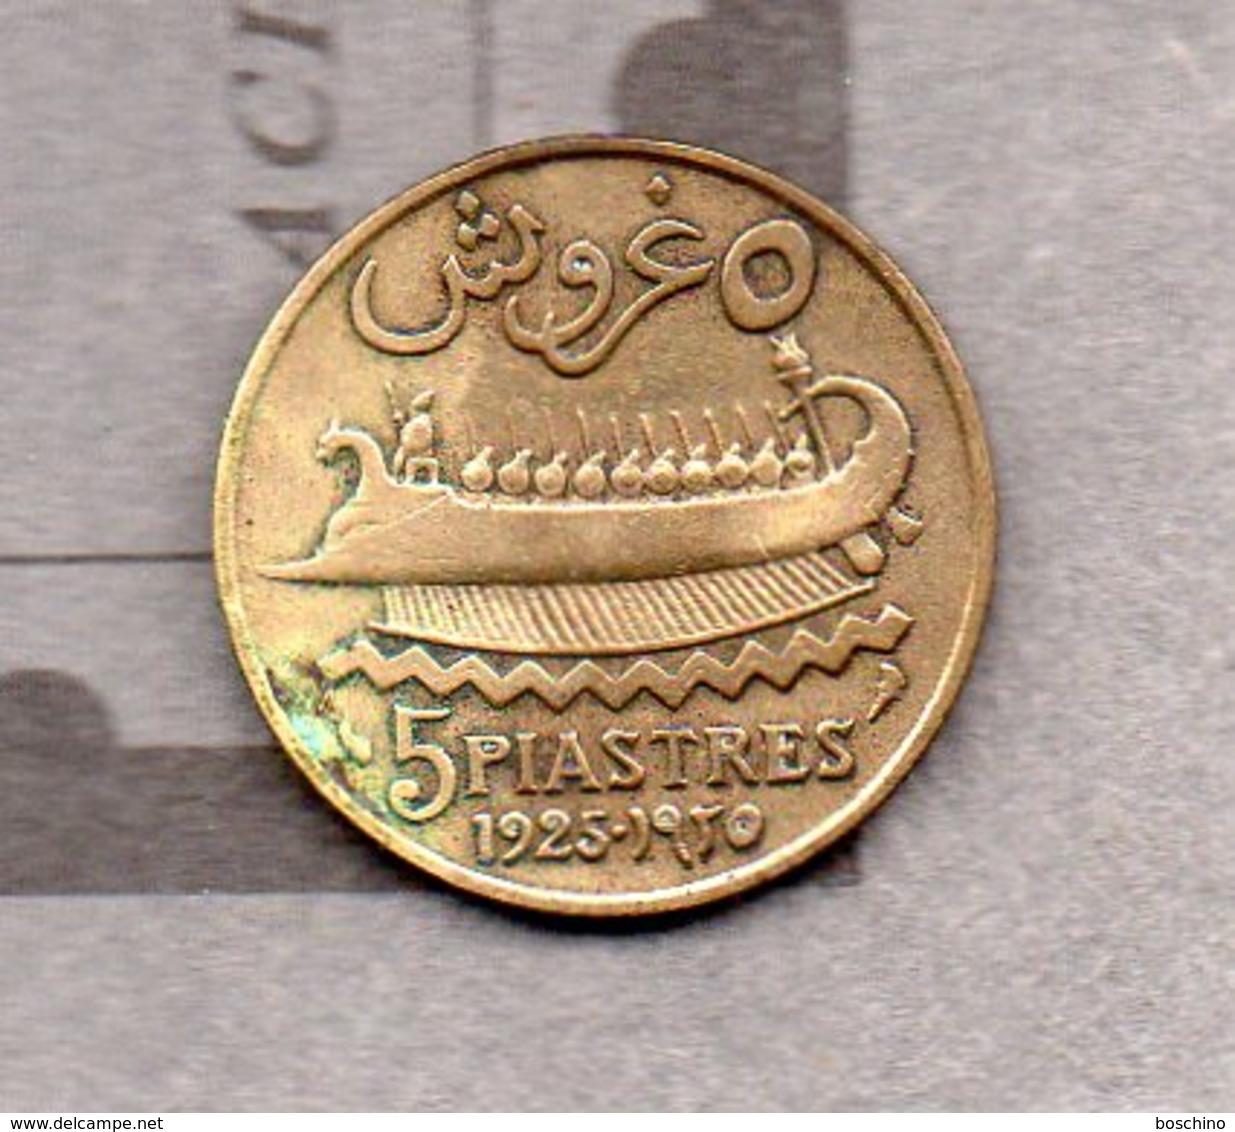 Etat Du Grand Liban - 5 Piastres 1925 - Liban